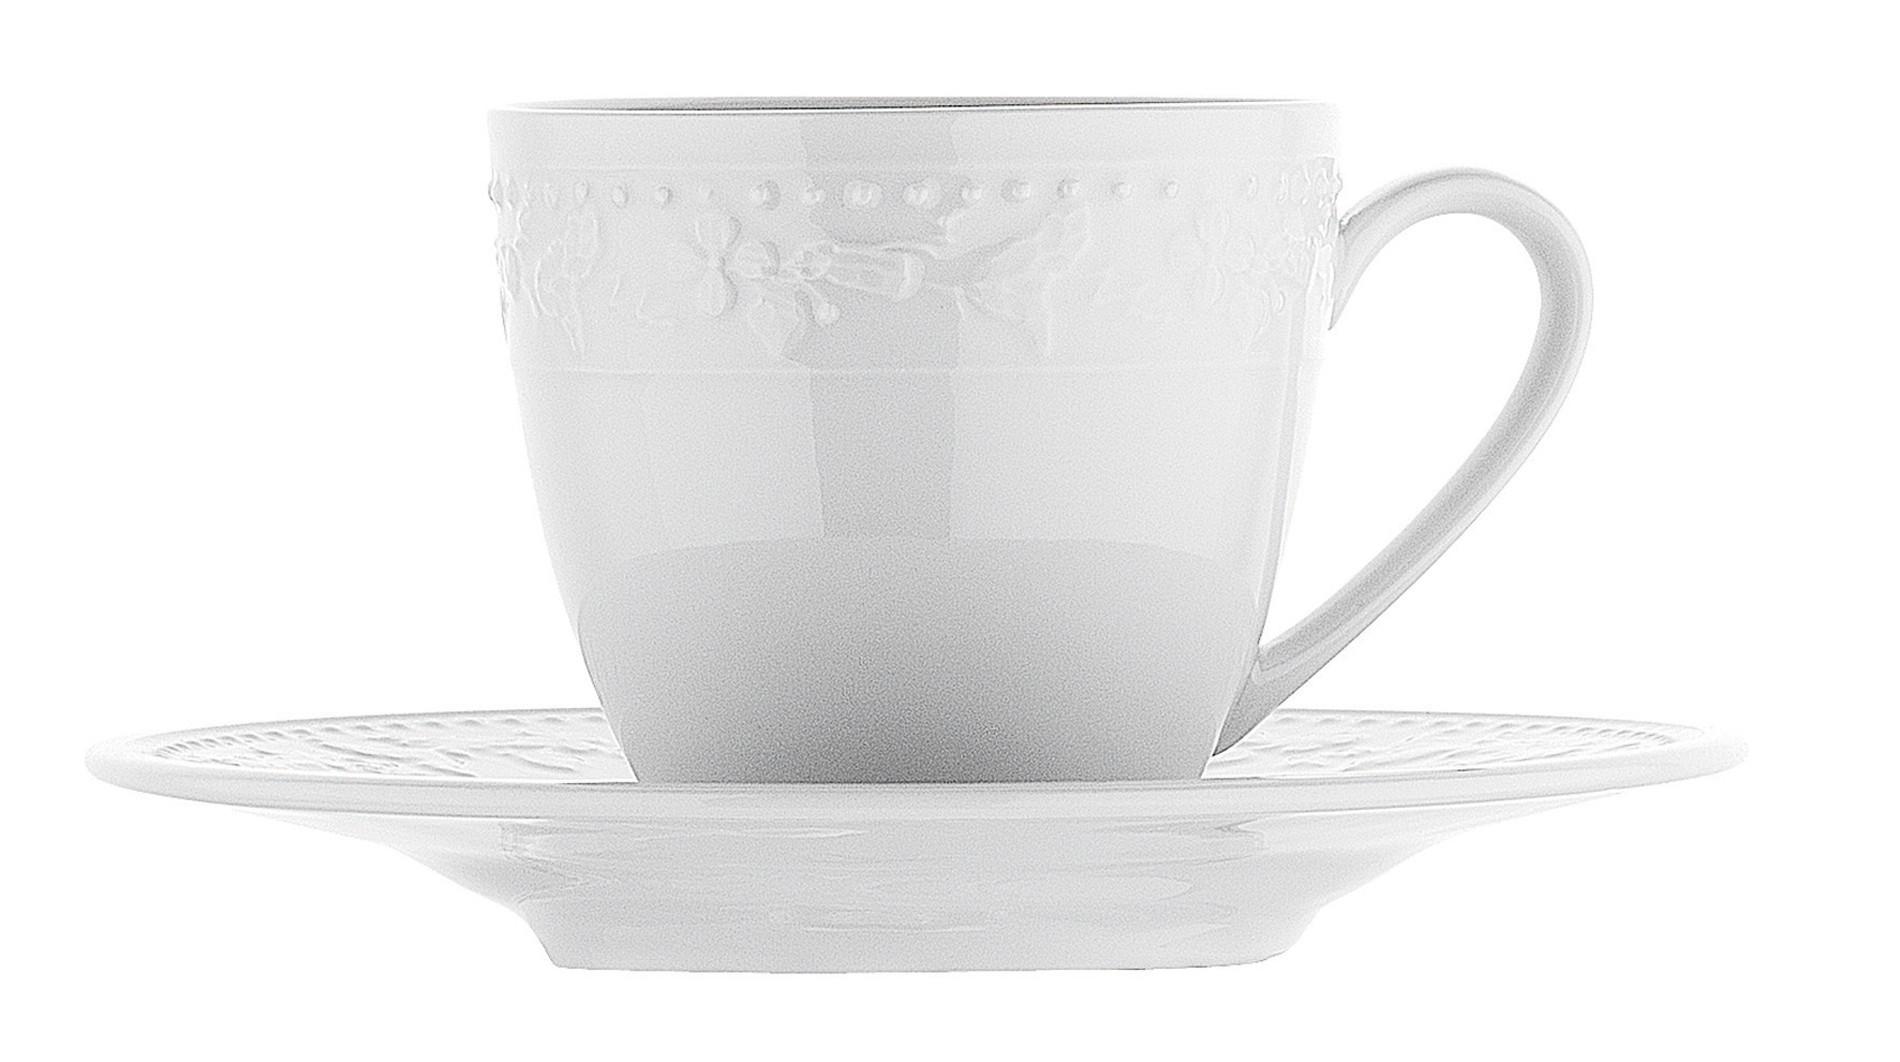 φλυτζάνι cappuccino ionia δήμητρα σετ 6 τεμάχια home   ειδη cafe τσαϊ   κούπες   φλυτζάνια